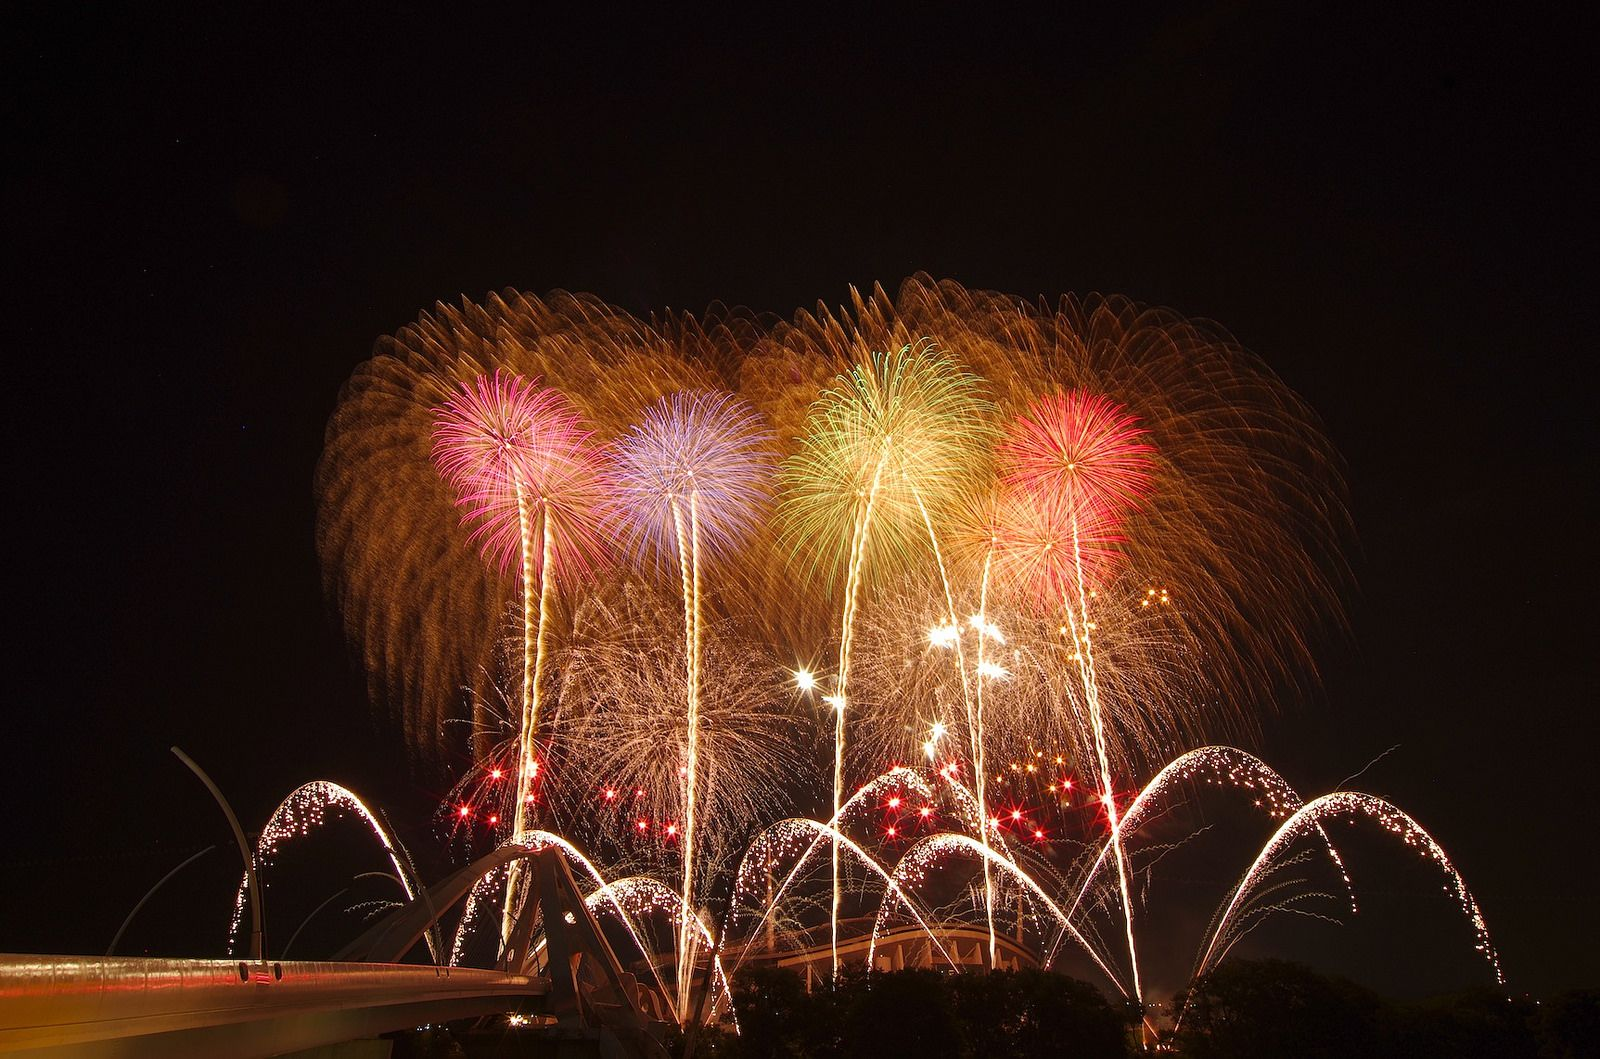 """https://flic.kr/p/omDjLX   2014 豊田おいでん祭り花火 Toyota Oiden Festival 2014   2014年7月27日に開催された、豊田おいでんまつりの花火から、三遠煙火による「恋するフォーチュンクッキー」。  """"The fortune cookie in love"""" by Sanen-enka in the Toyota Oiden Festival on July 27 in 2014."""